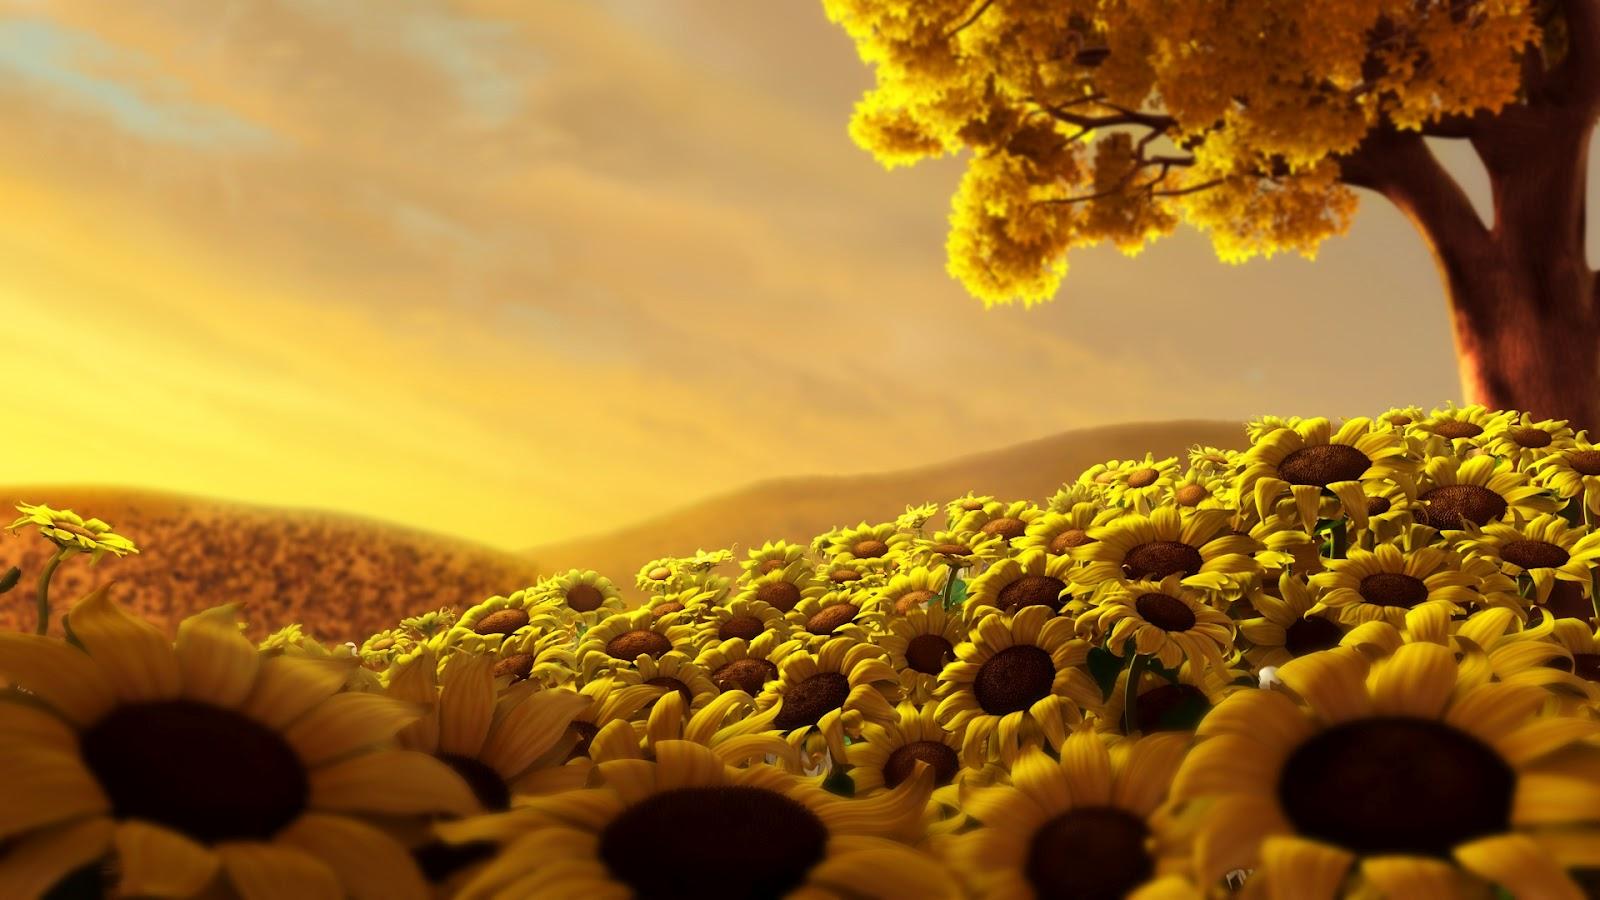 Best Wallpaper Beautiful Flowers Wallpapers Hd